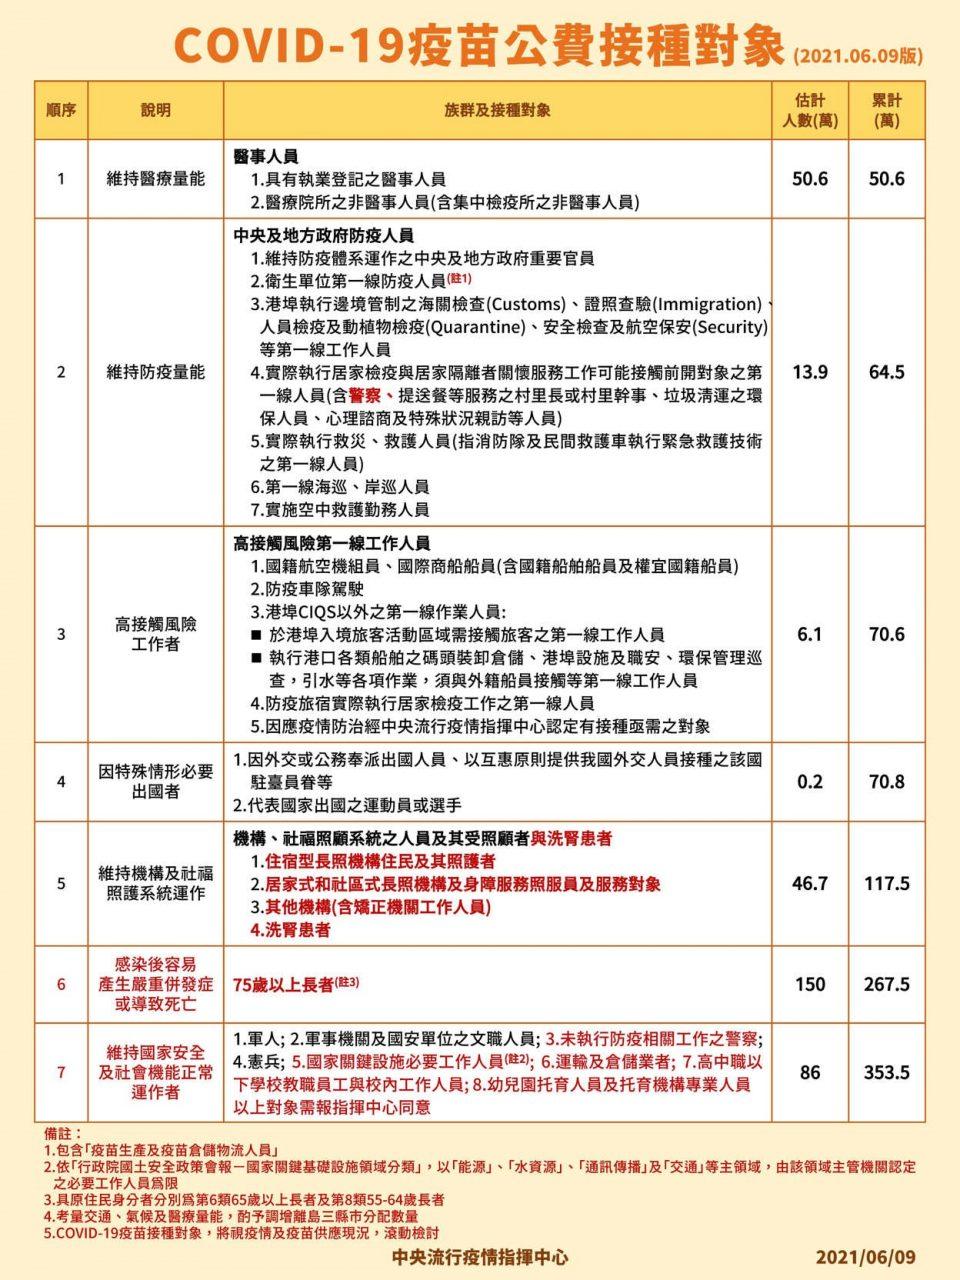 【唐鳳版COVID-19疫苗預約平台查詢預約】施打流程Q&A.1922網站